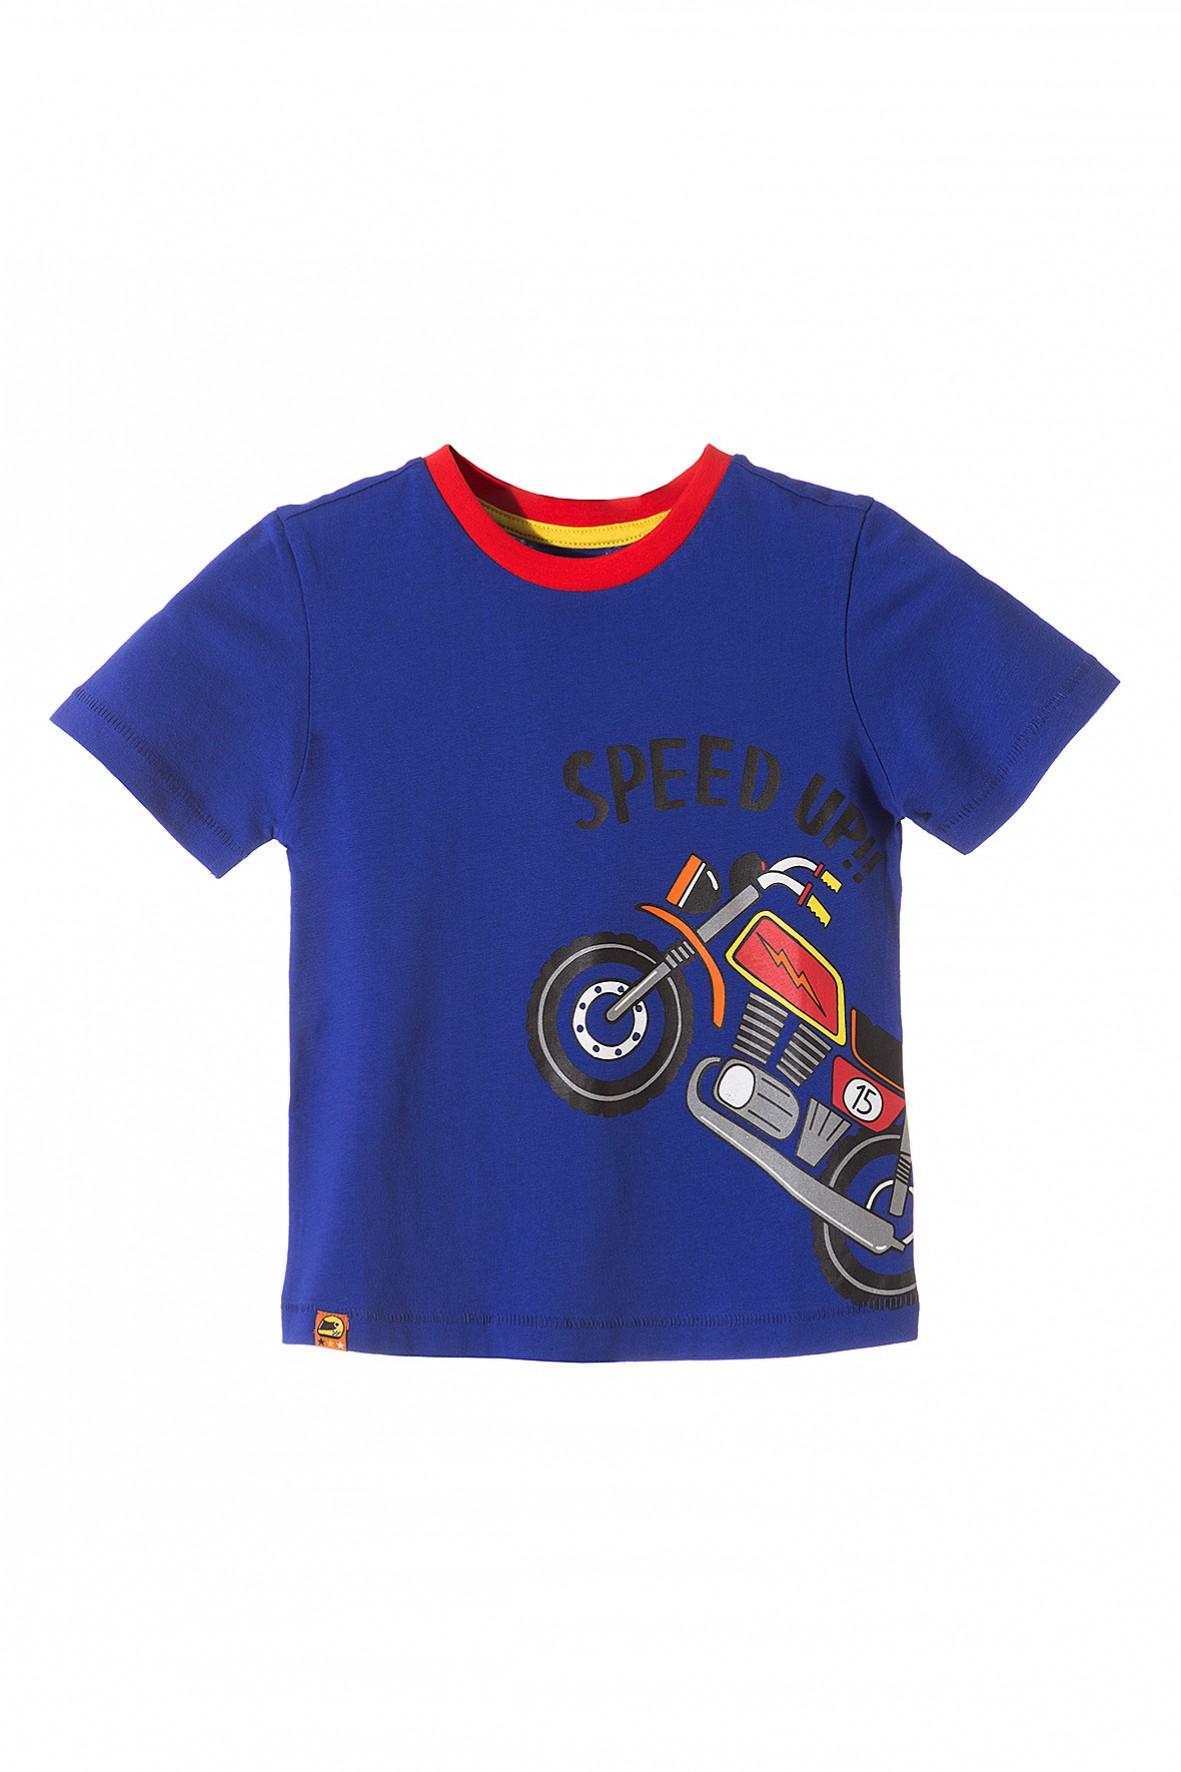 Koszulka chłopięca z motocyklem